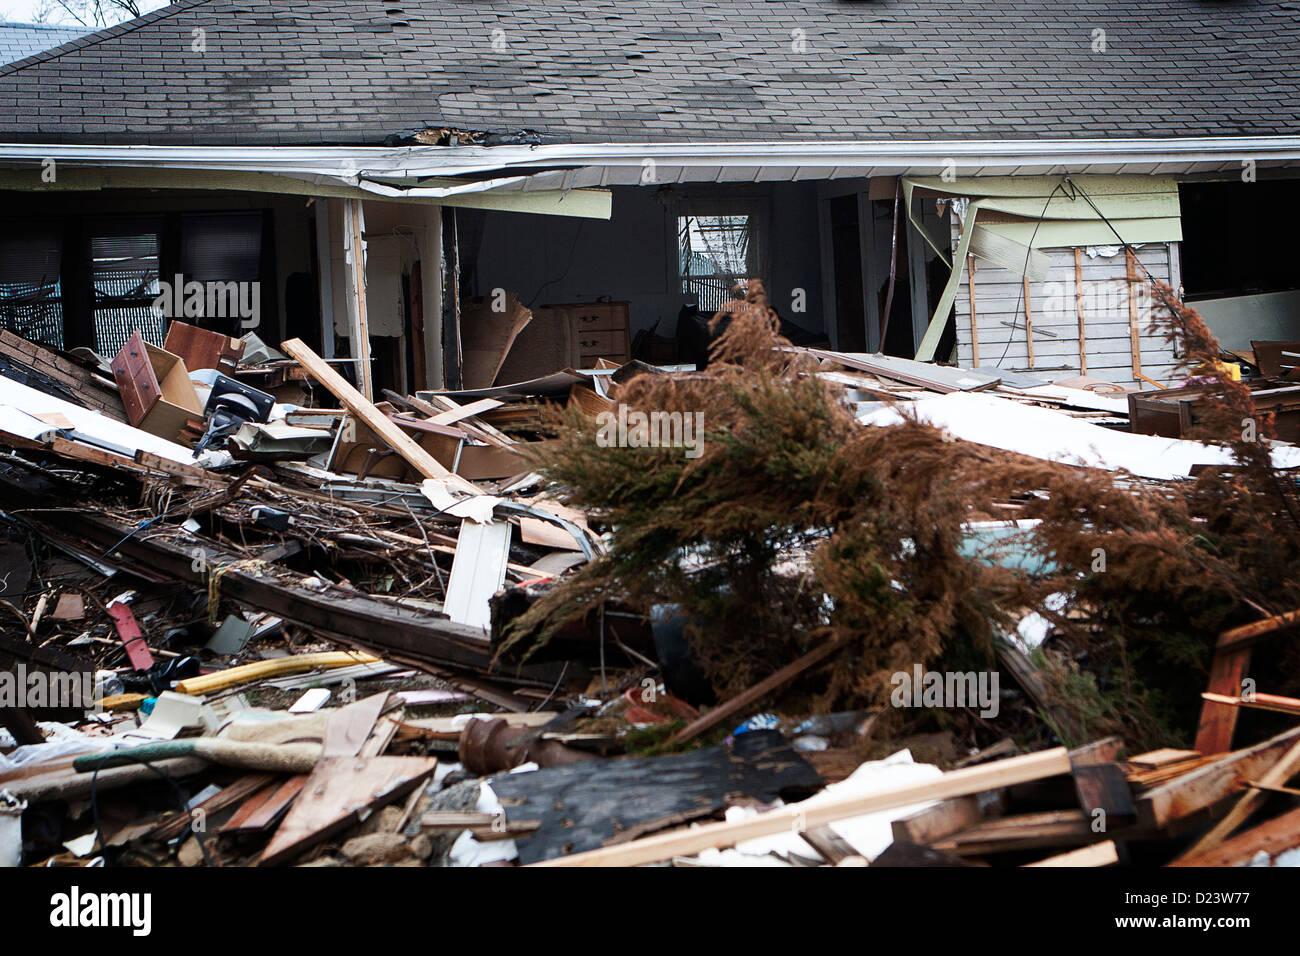 Devastation still felt in New Dorp Beach, Staten Island, 75 days after Hurricane Sandy. - Stock Image